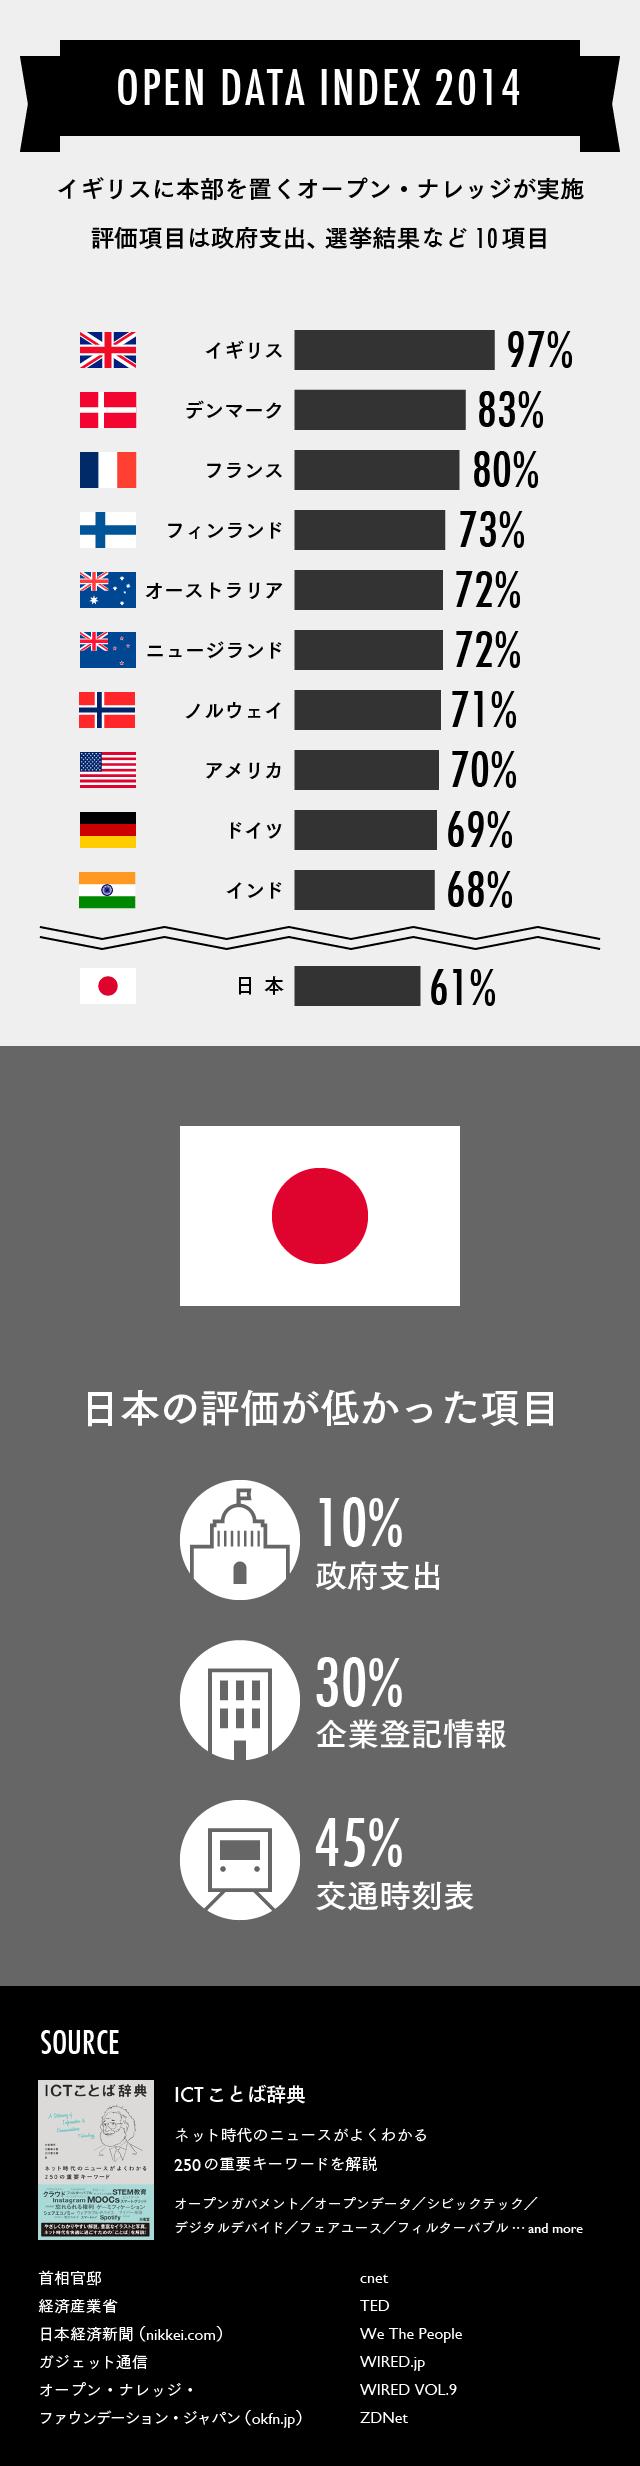 【マスター】はじめてのオープンガバメント_20150828-09